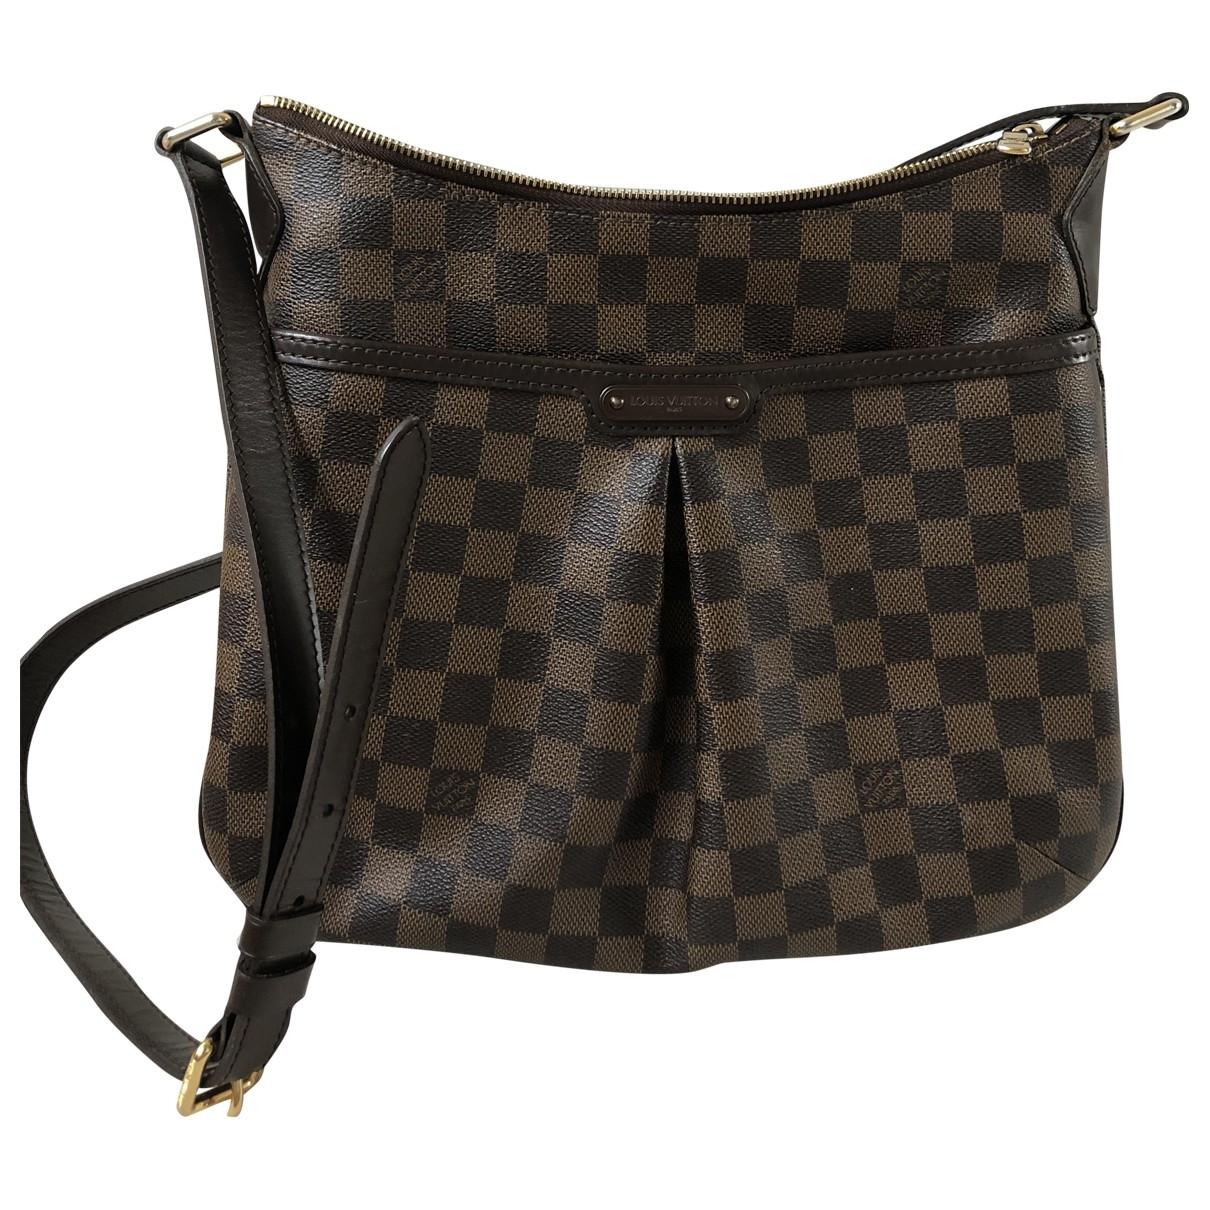 Louis Vuitton - Sac a main Bloomsbury pour femme en toile - marron